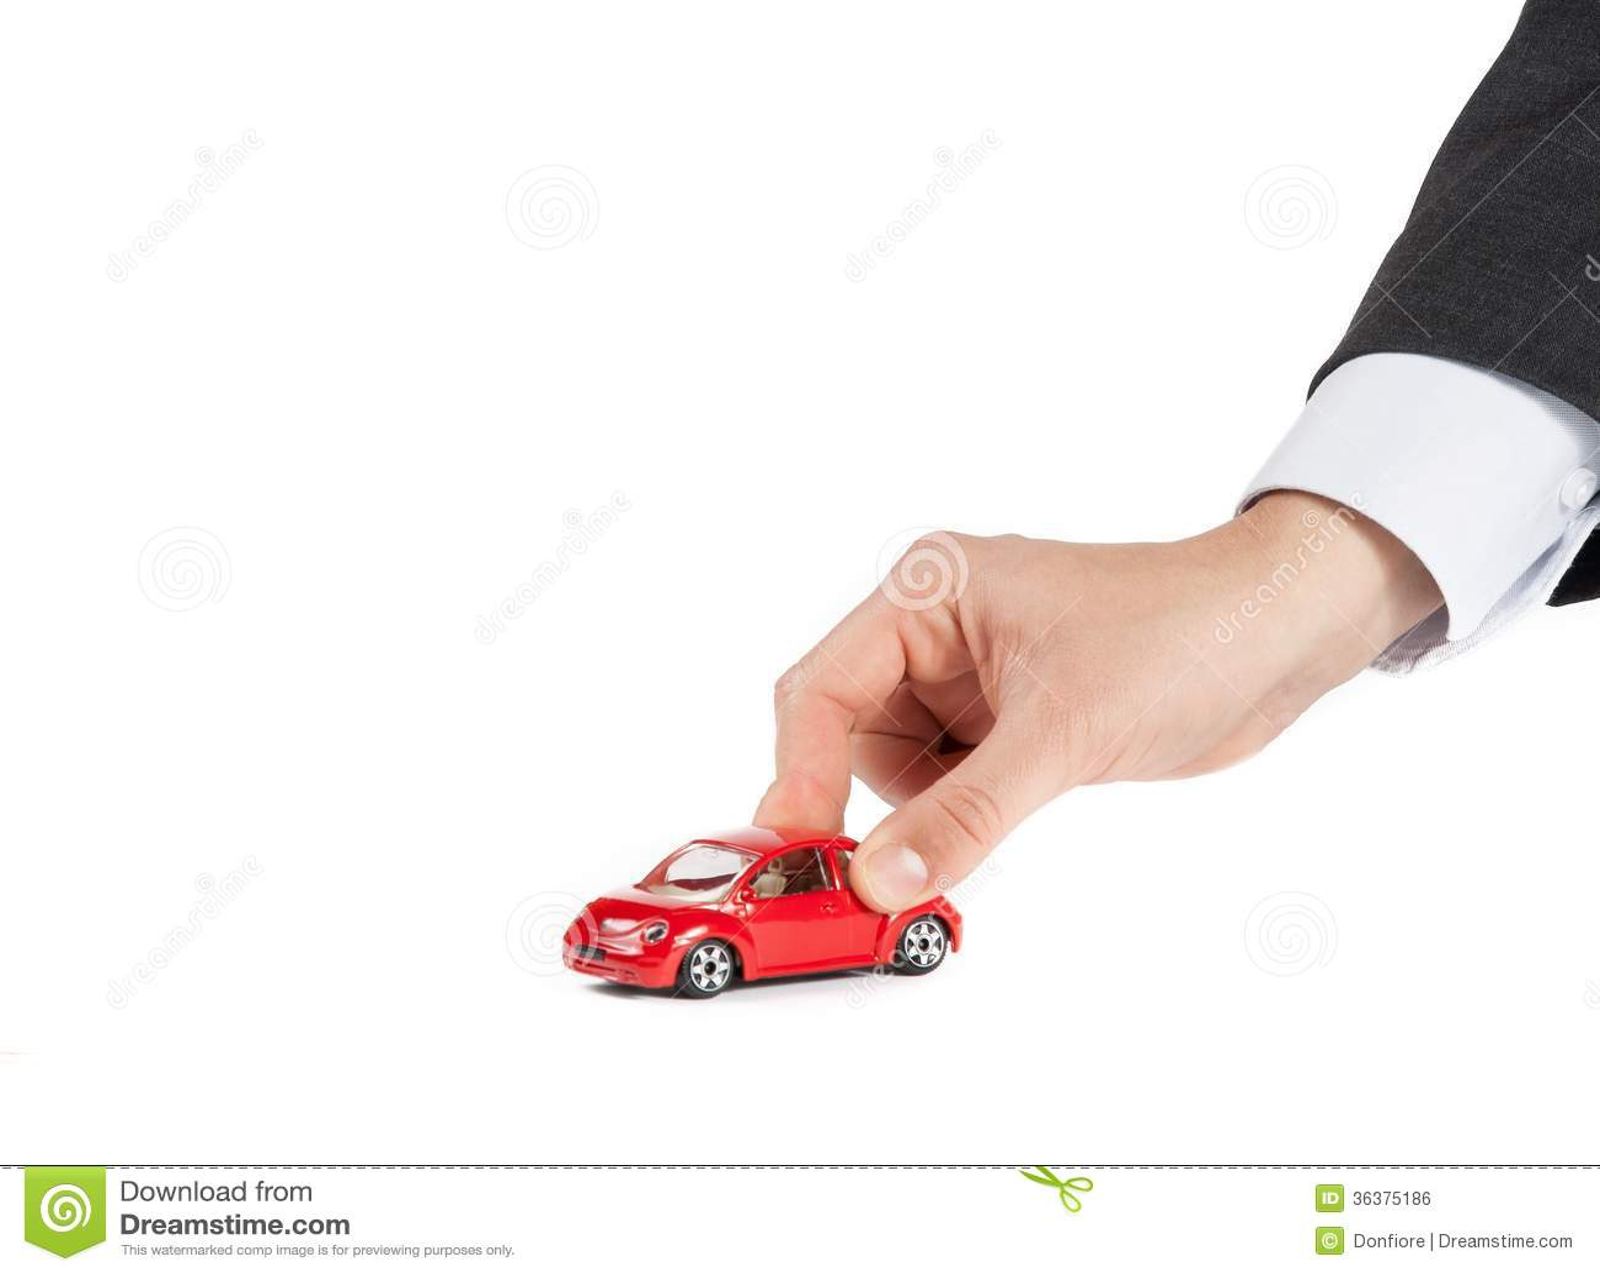 Stuk Speelgoed Auto En Hand Van De Mens Concept Voor Verzekering